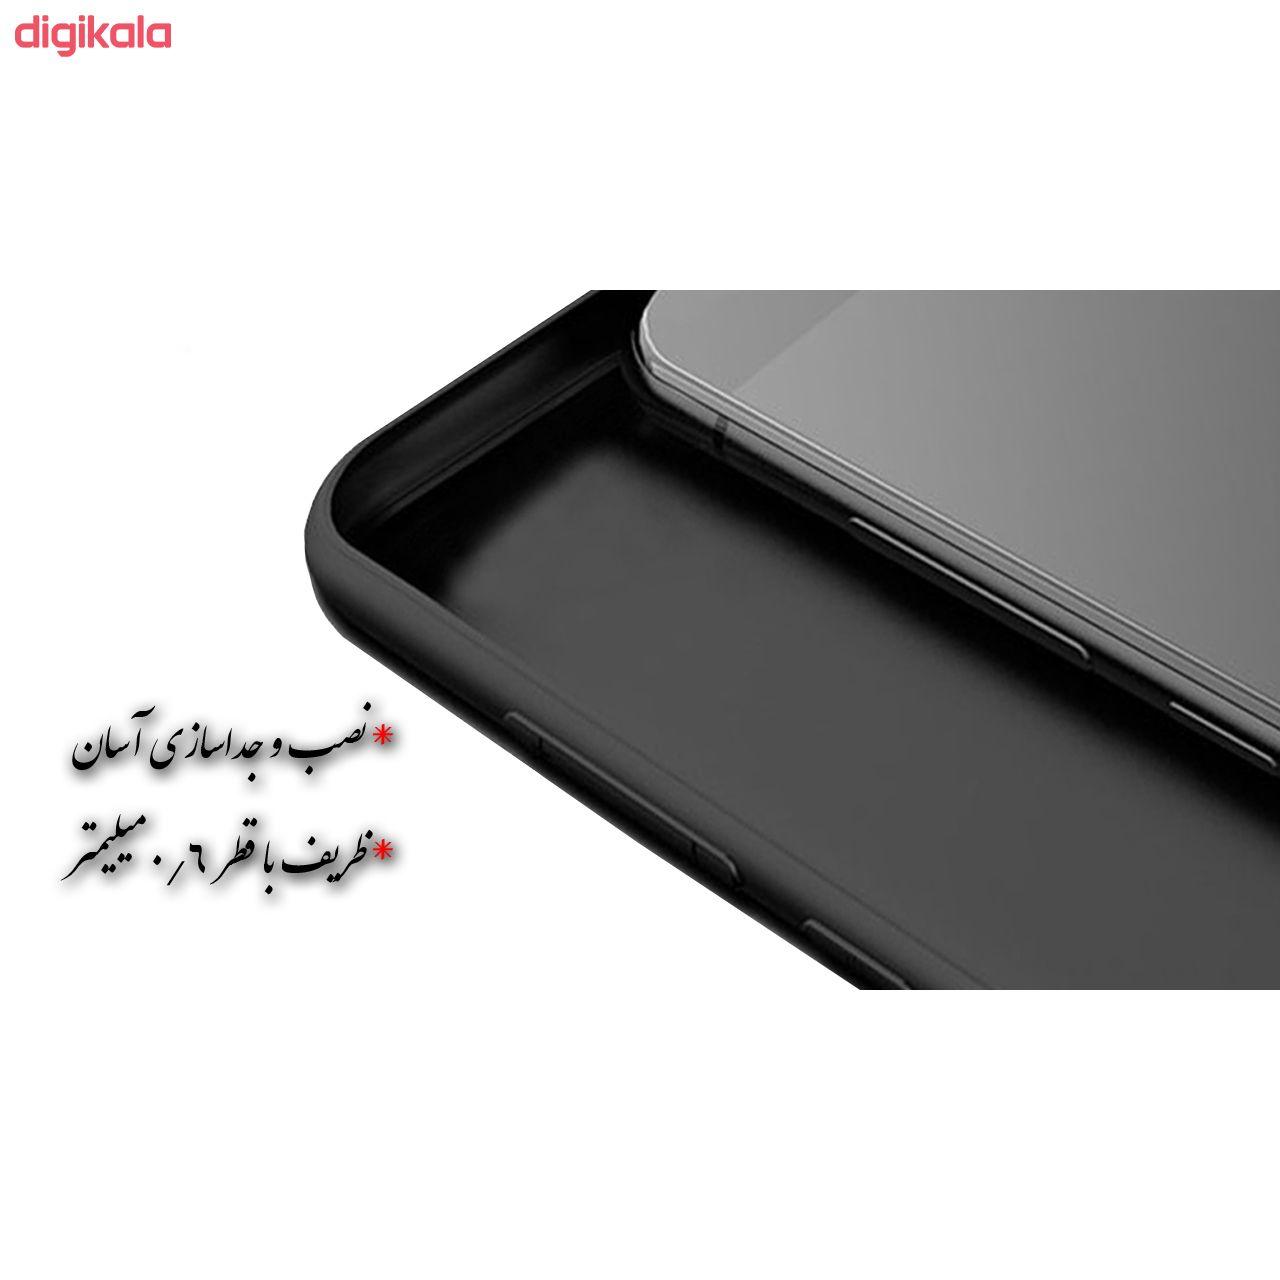 کاور کی اچ مدل 7131 مناسب برای گوشی موبایل اپل Iphone 6/6S main 1 2